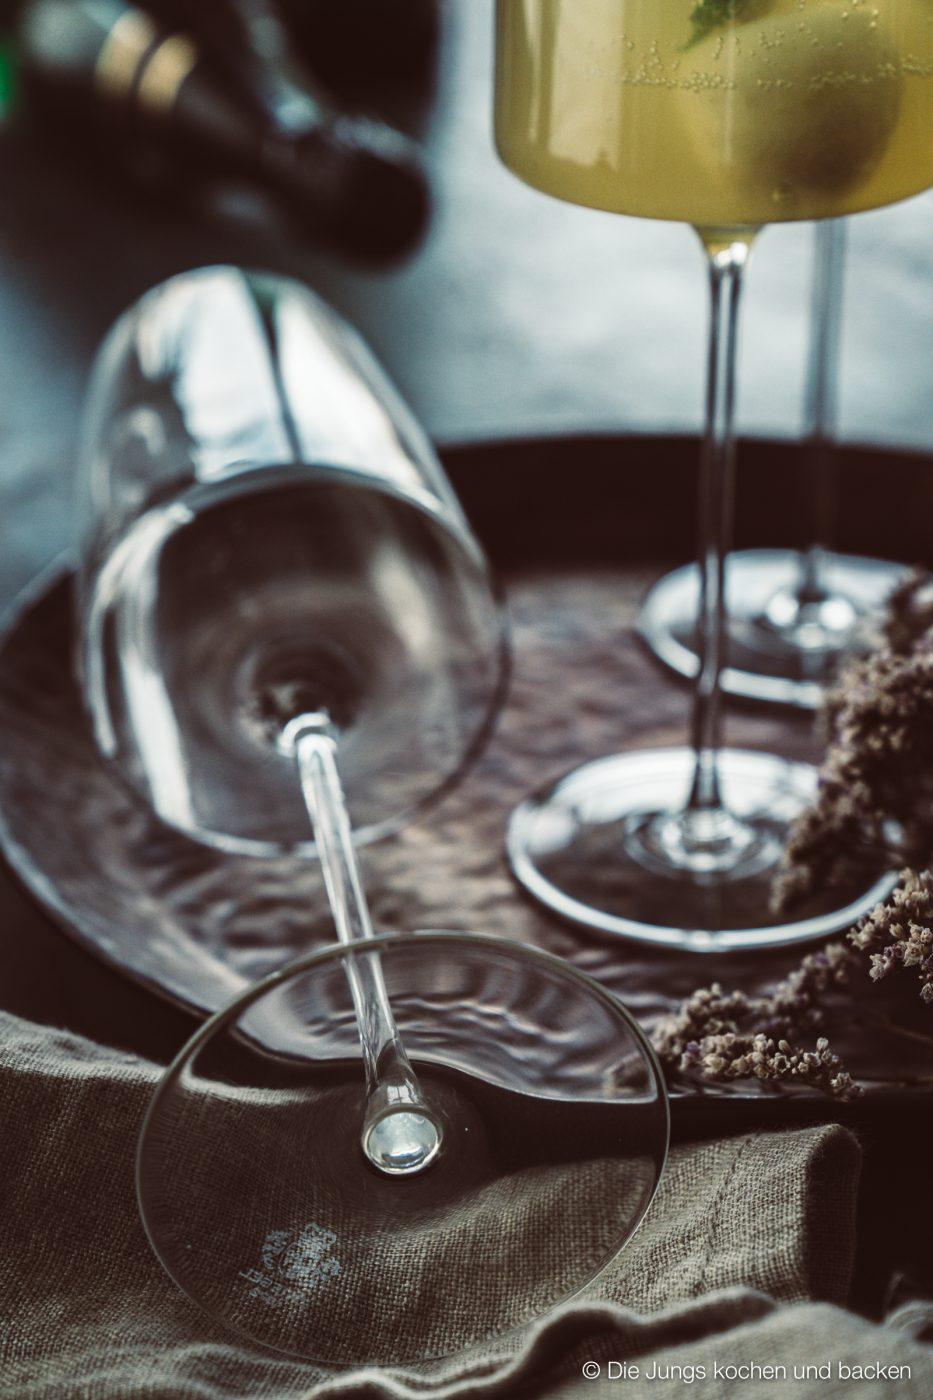 Williams Royale sektcocktail zwiesel 8 | Heute melden wir uns noch ein Mal mit einem letzten Rezeptpost für das Jahr 2019. Und was bietet sich da Schöneres an, als ein toller Drink, den man zwar nicht nur, aber auch zu Silvester servieren kann. Und unser Jahresabschluss Cocktail heißt Williams Royal.